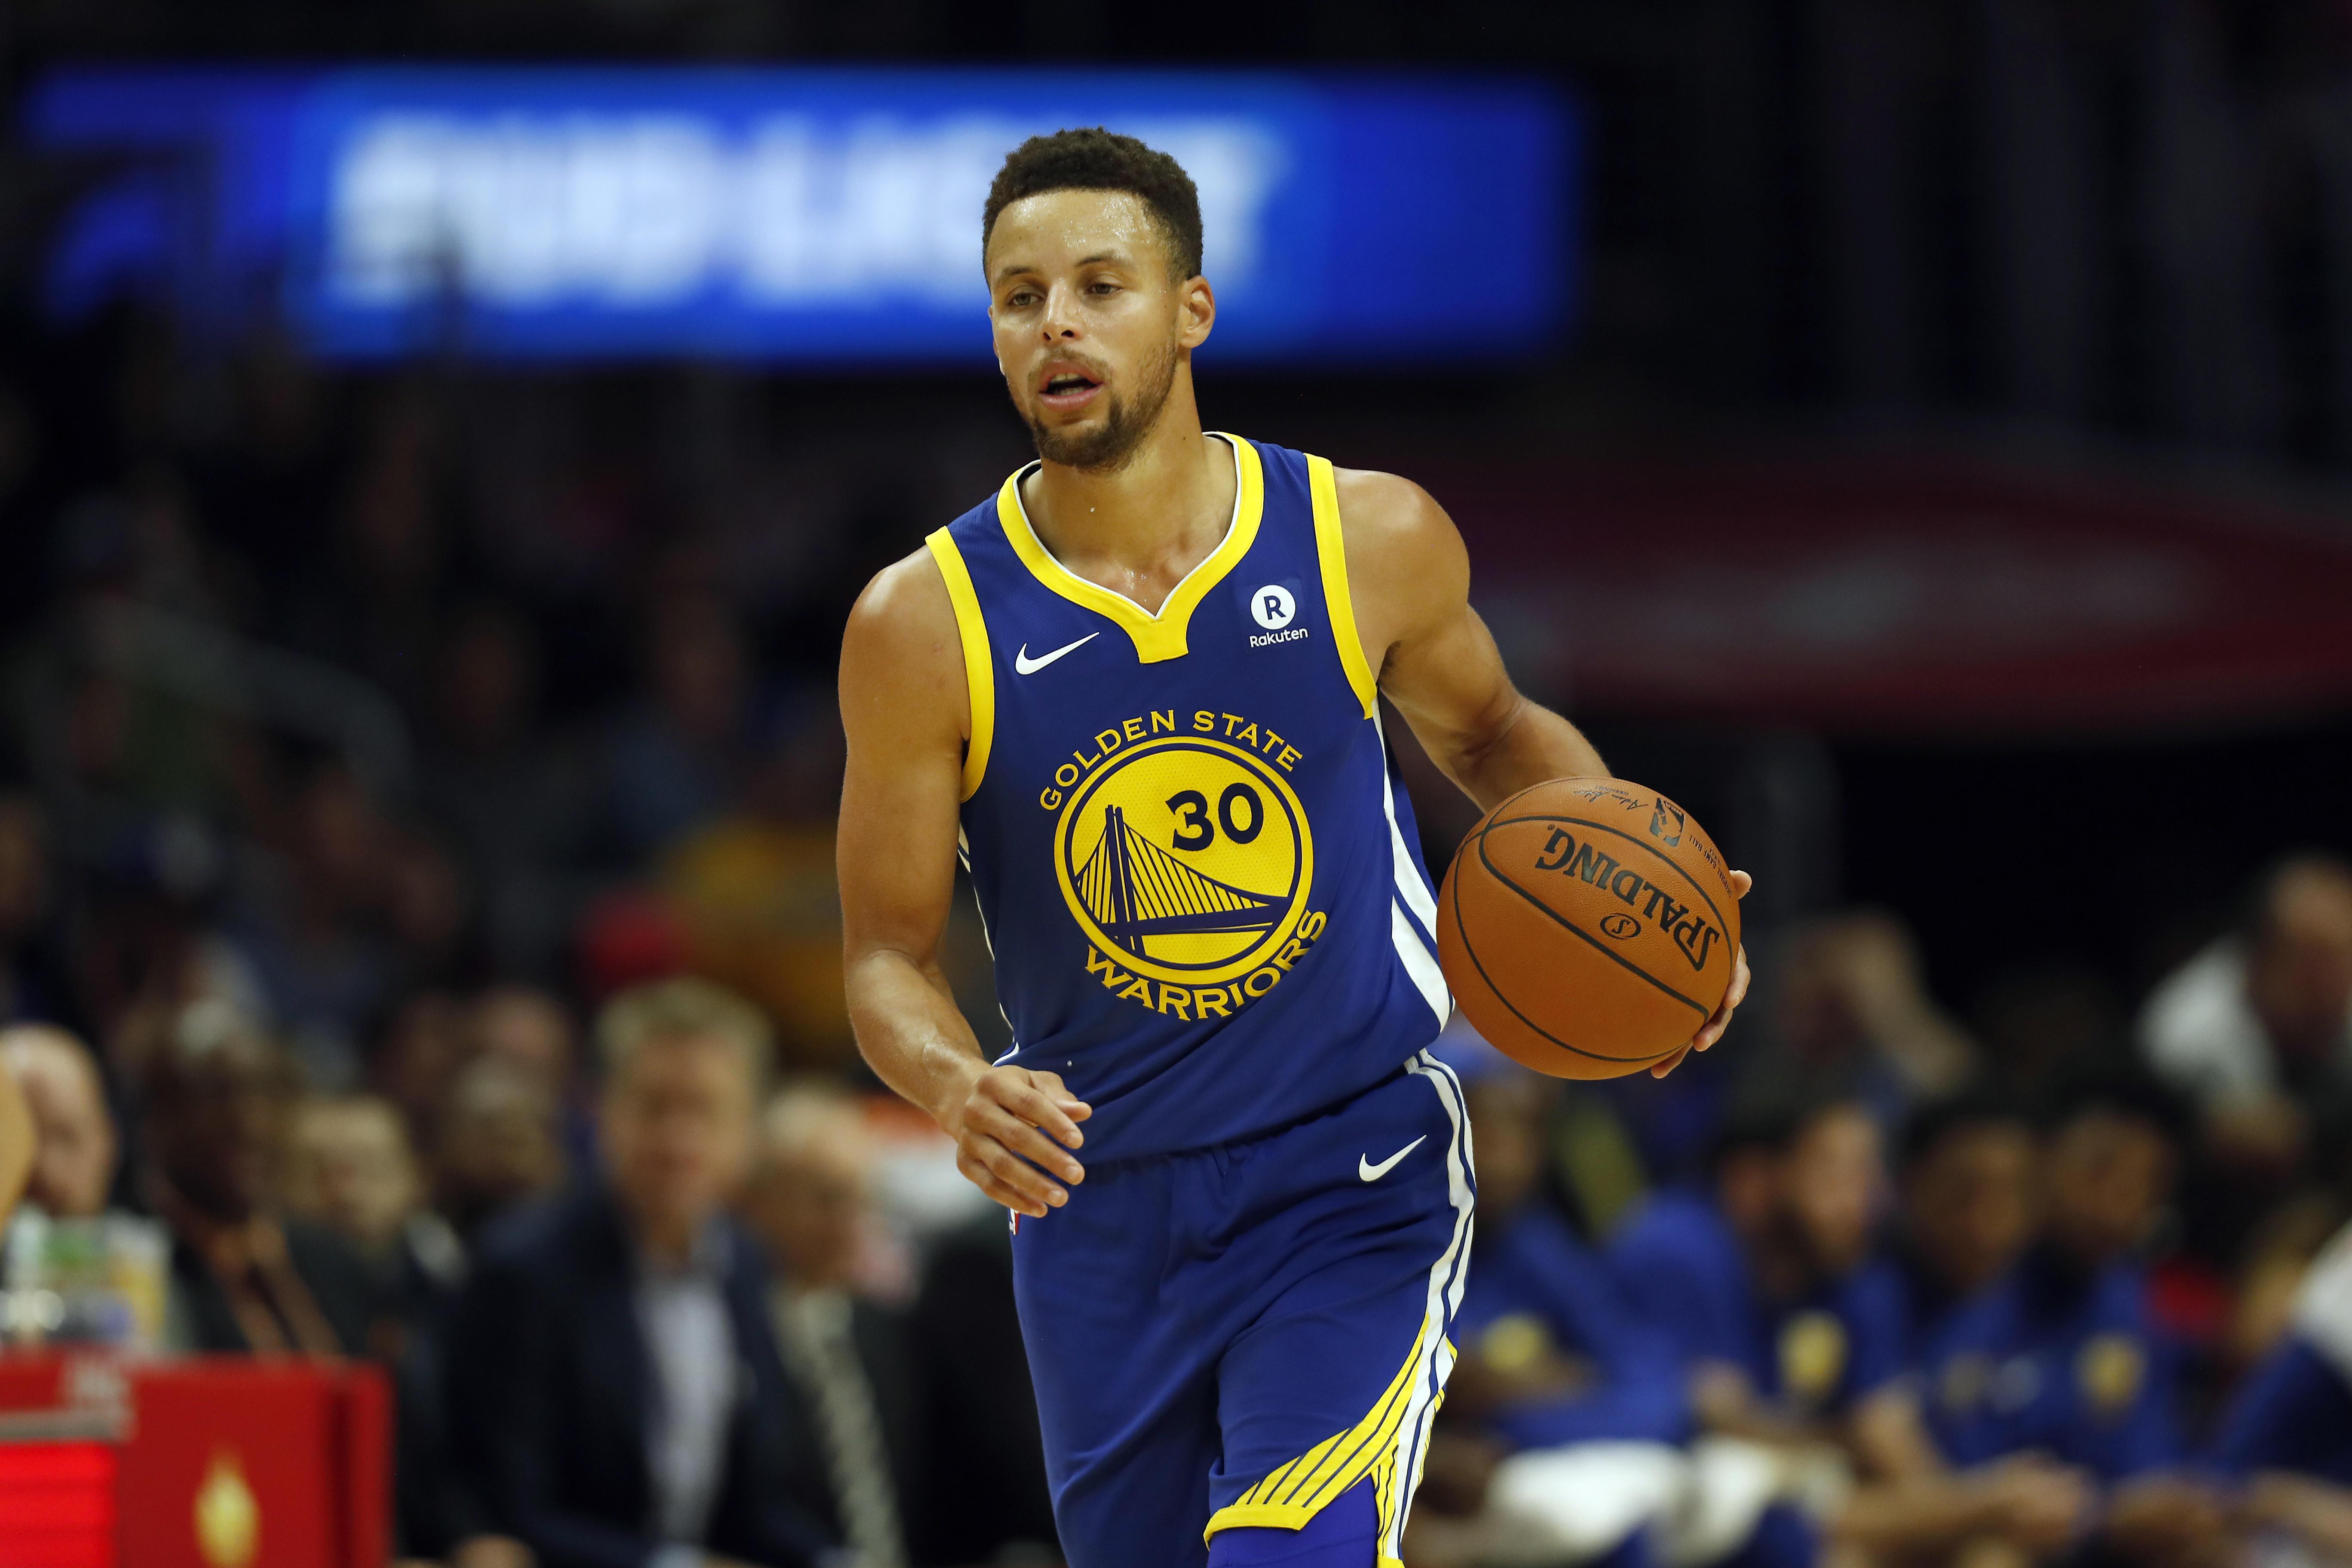 b46d52957567 Stephen Curry to teach online basketball class - CBS News